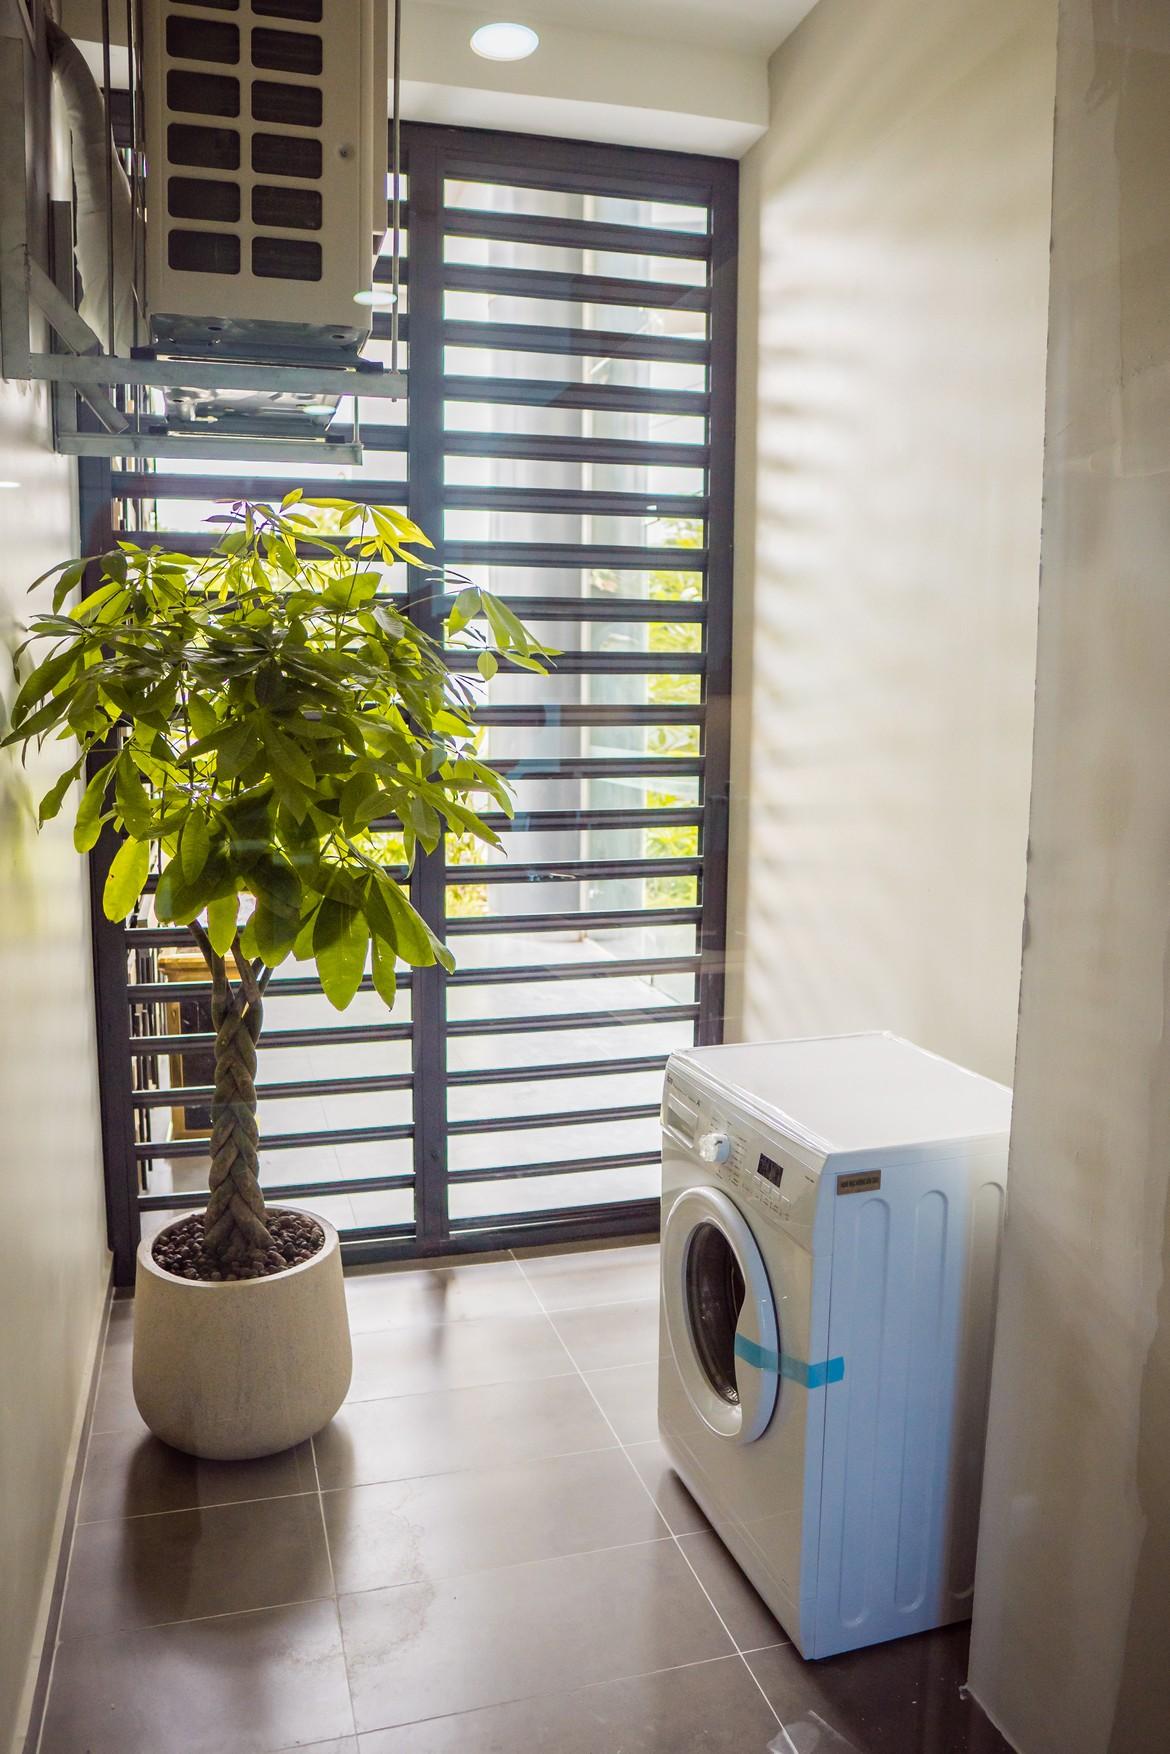 Thiết kế sân phơi nhà mẫu căn hộ 3 phòng ngủ dự án Eco Green Sài Gòn Quận 7